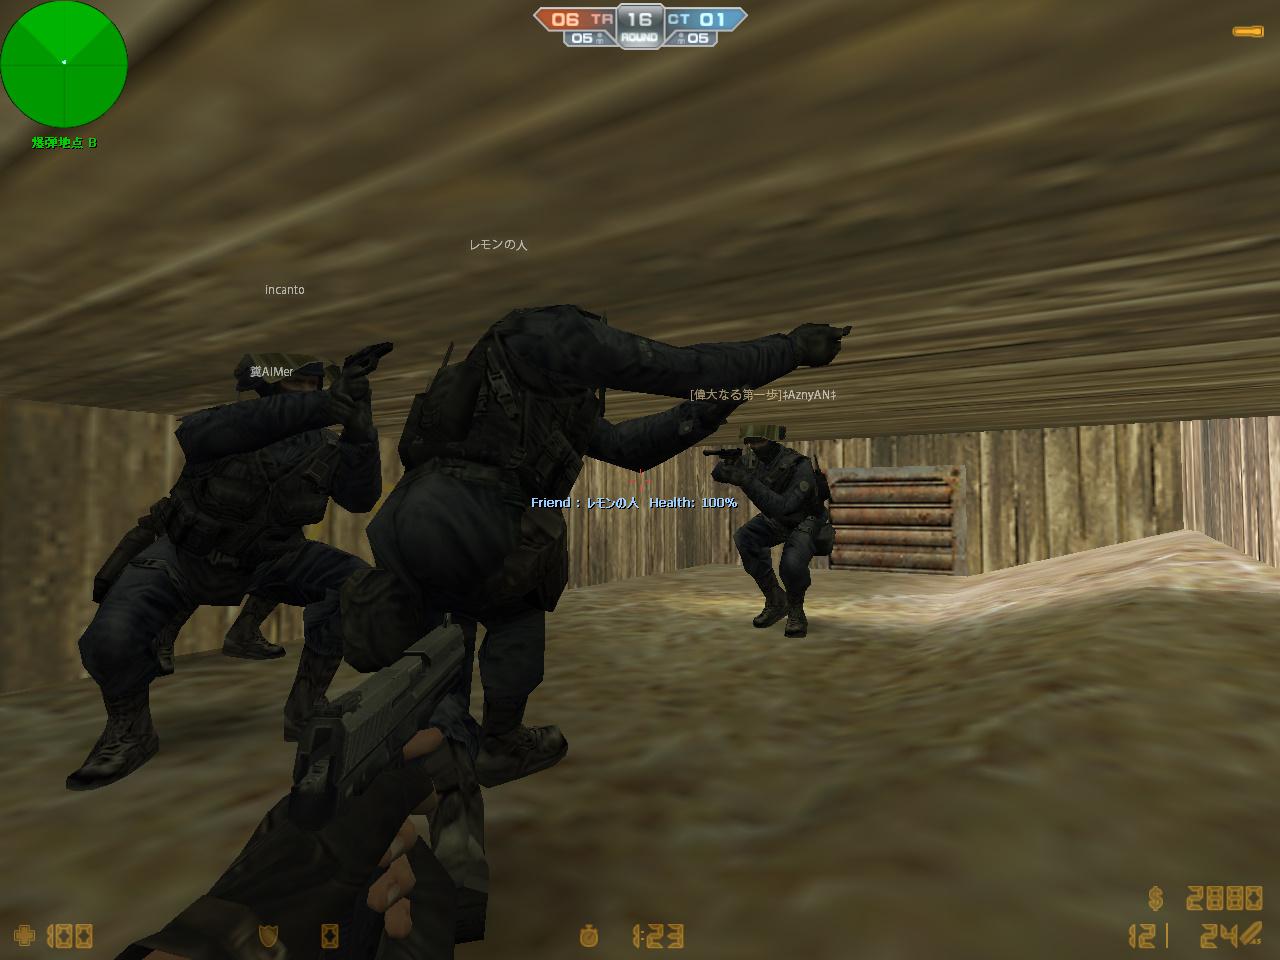 cstrike-online 2011-09-17 15-27-43-205